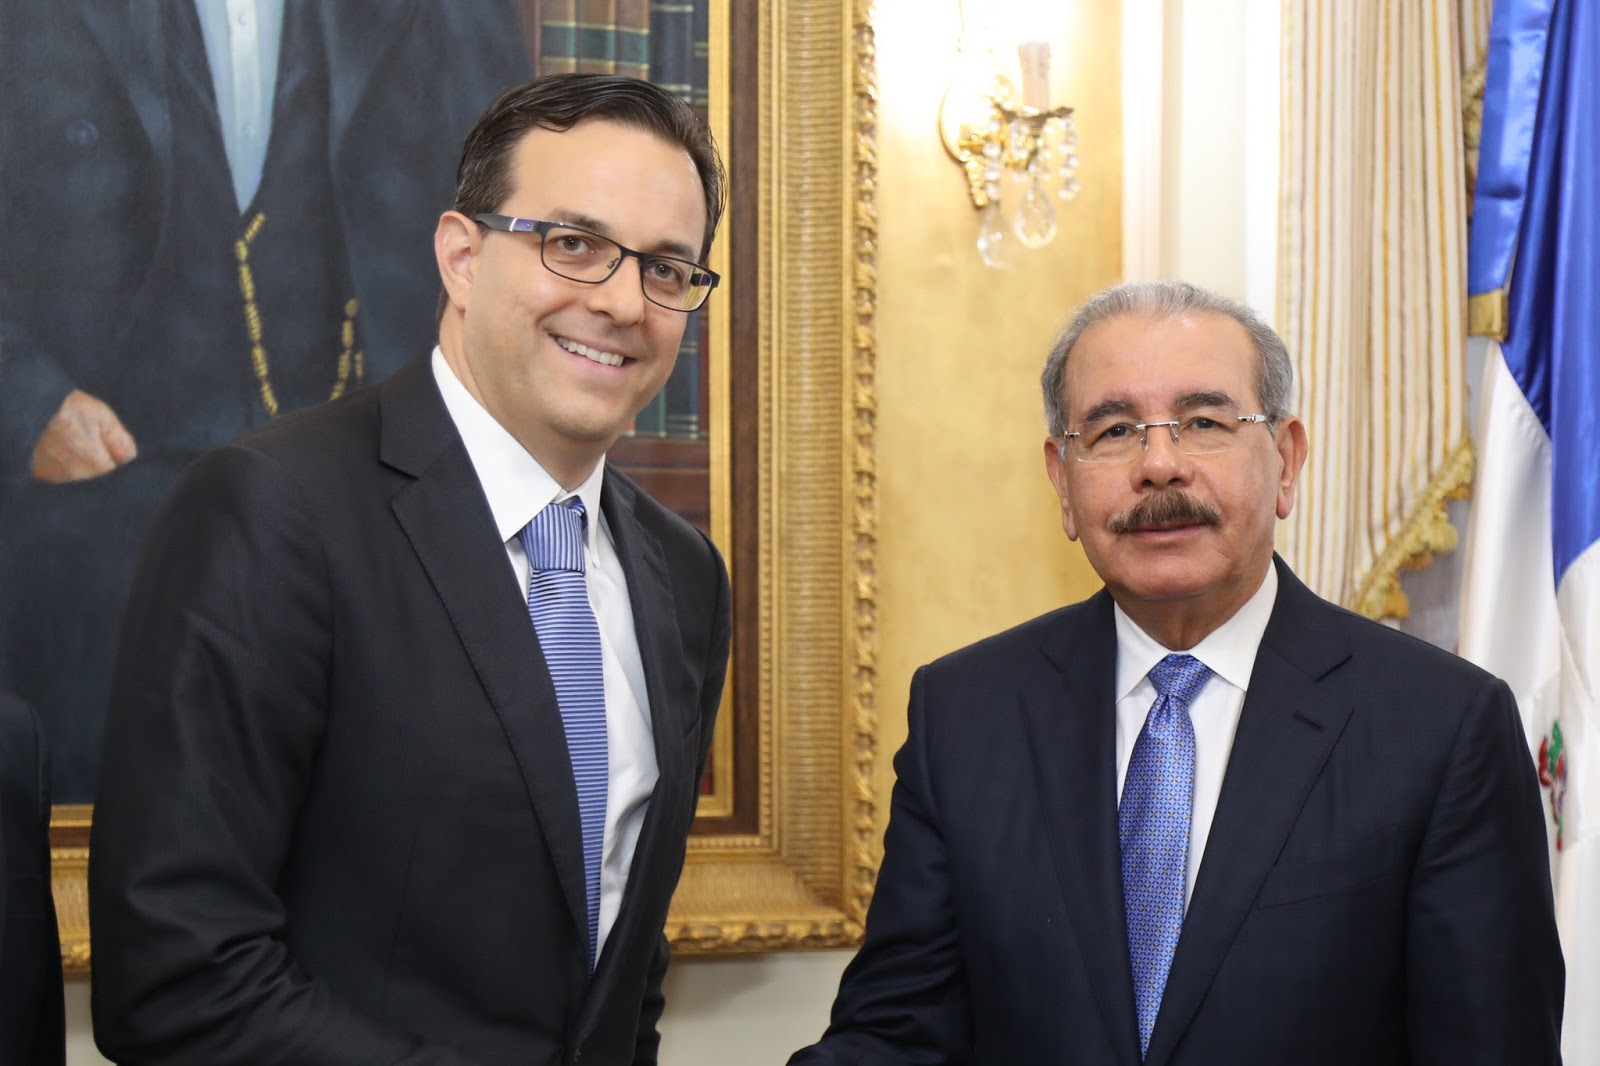 Danilo Medina recibe al director general de Nestlé para República Dominicana, Haití y Cuba